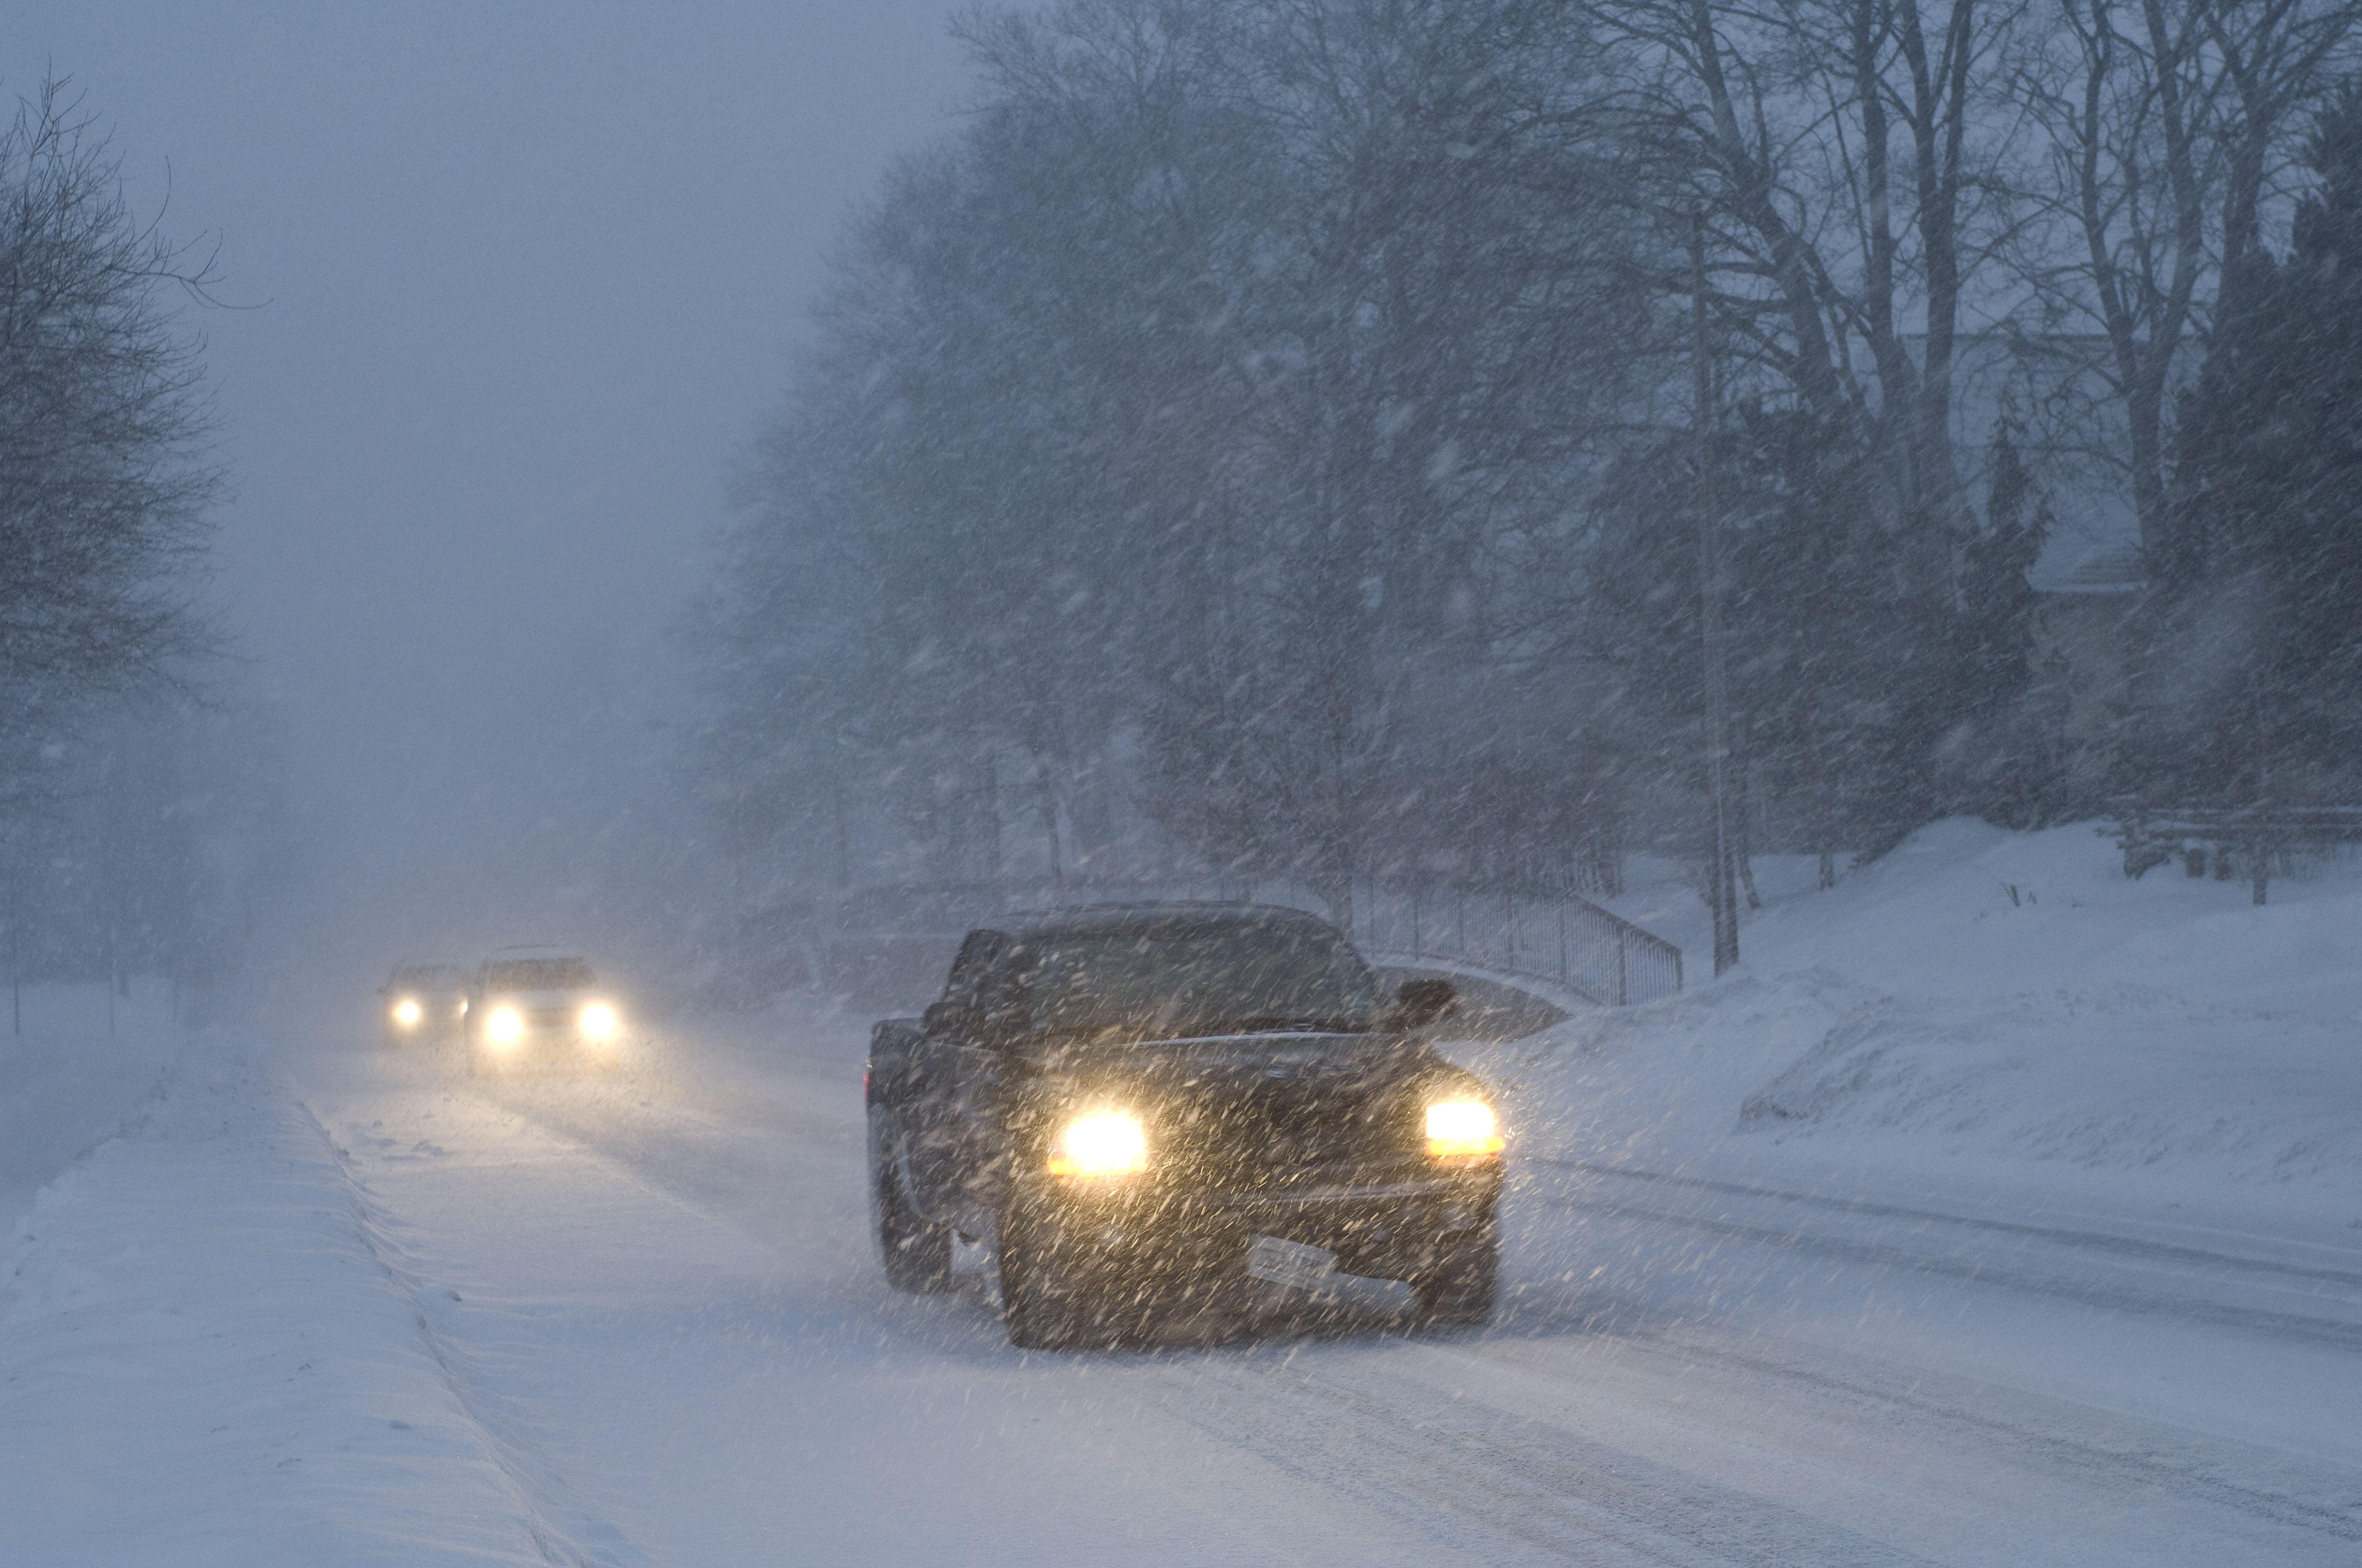 Tormenta de nieve pesada en un pequeño pueblo al anochecer. Fergus, Ontario, Canadá